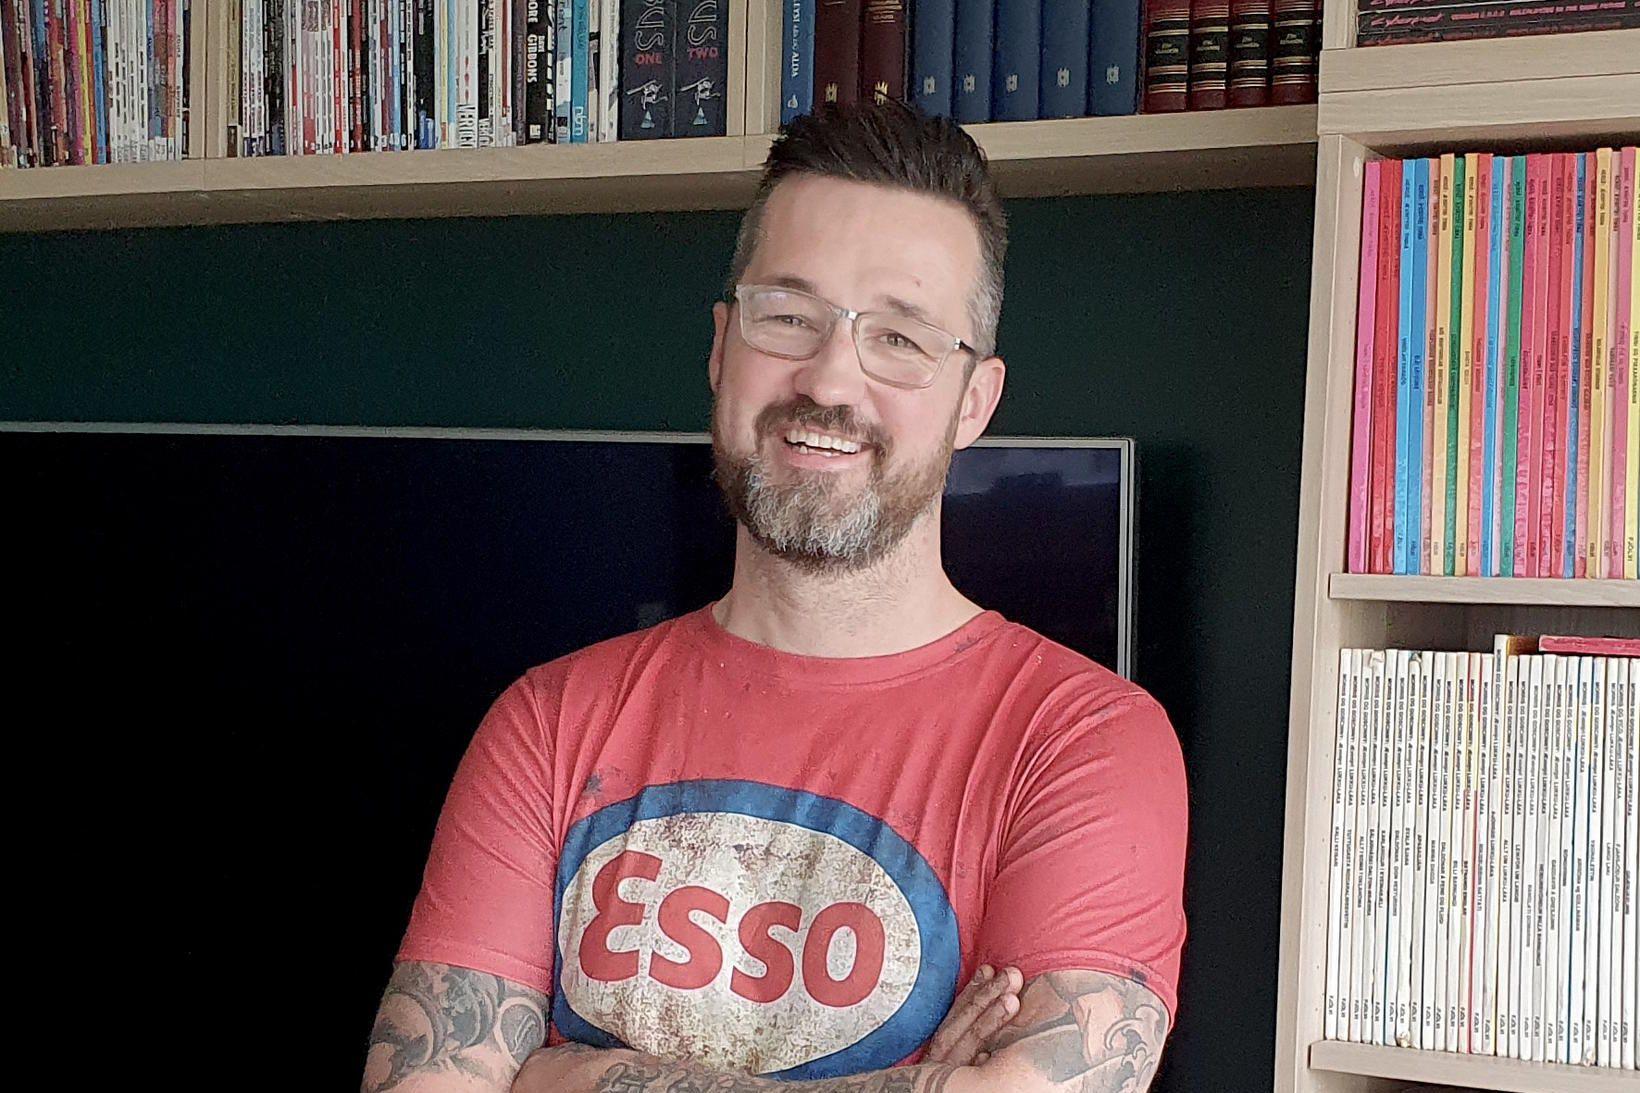 Ómar Úlfur Eyþórsson var gestur Snæbjörns Ragnarssonar.